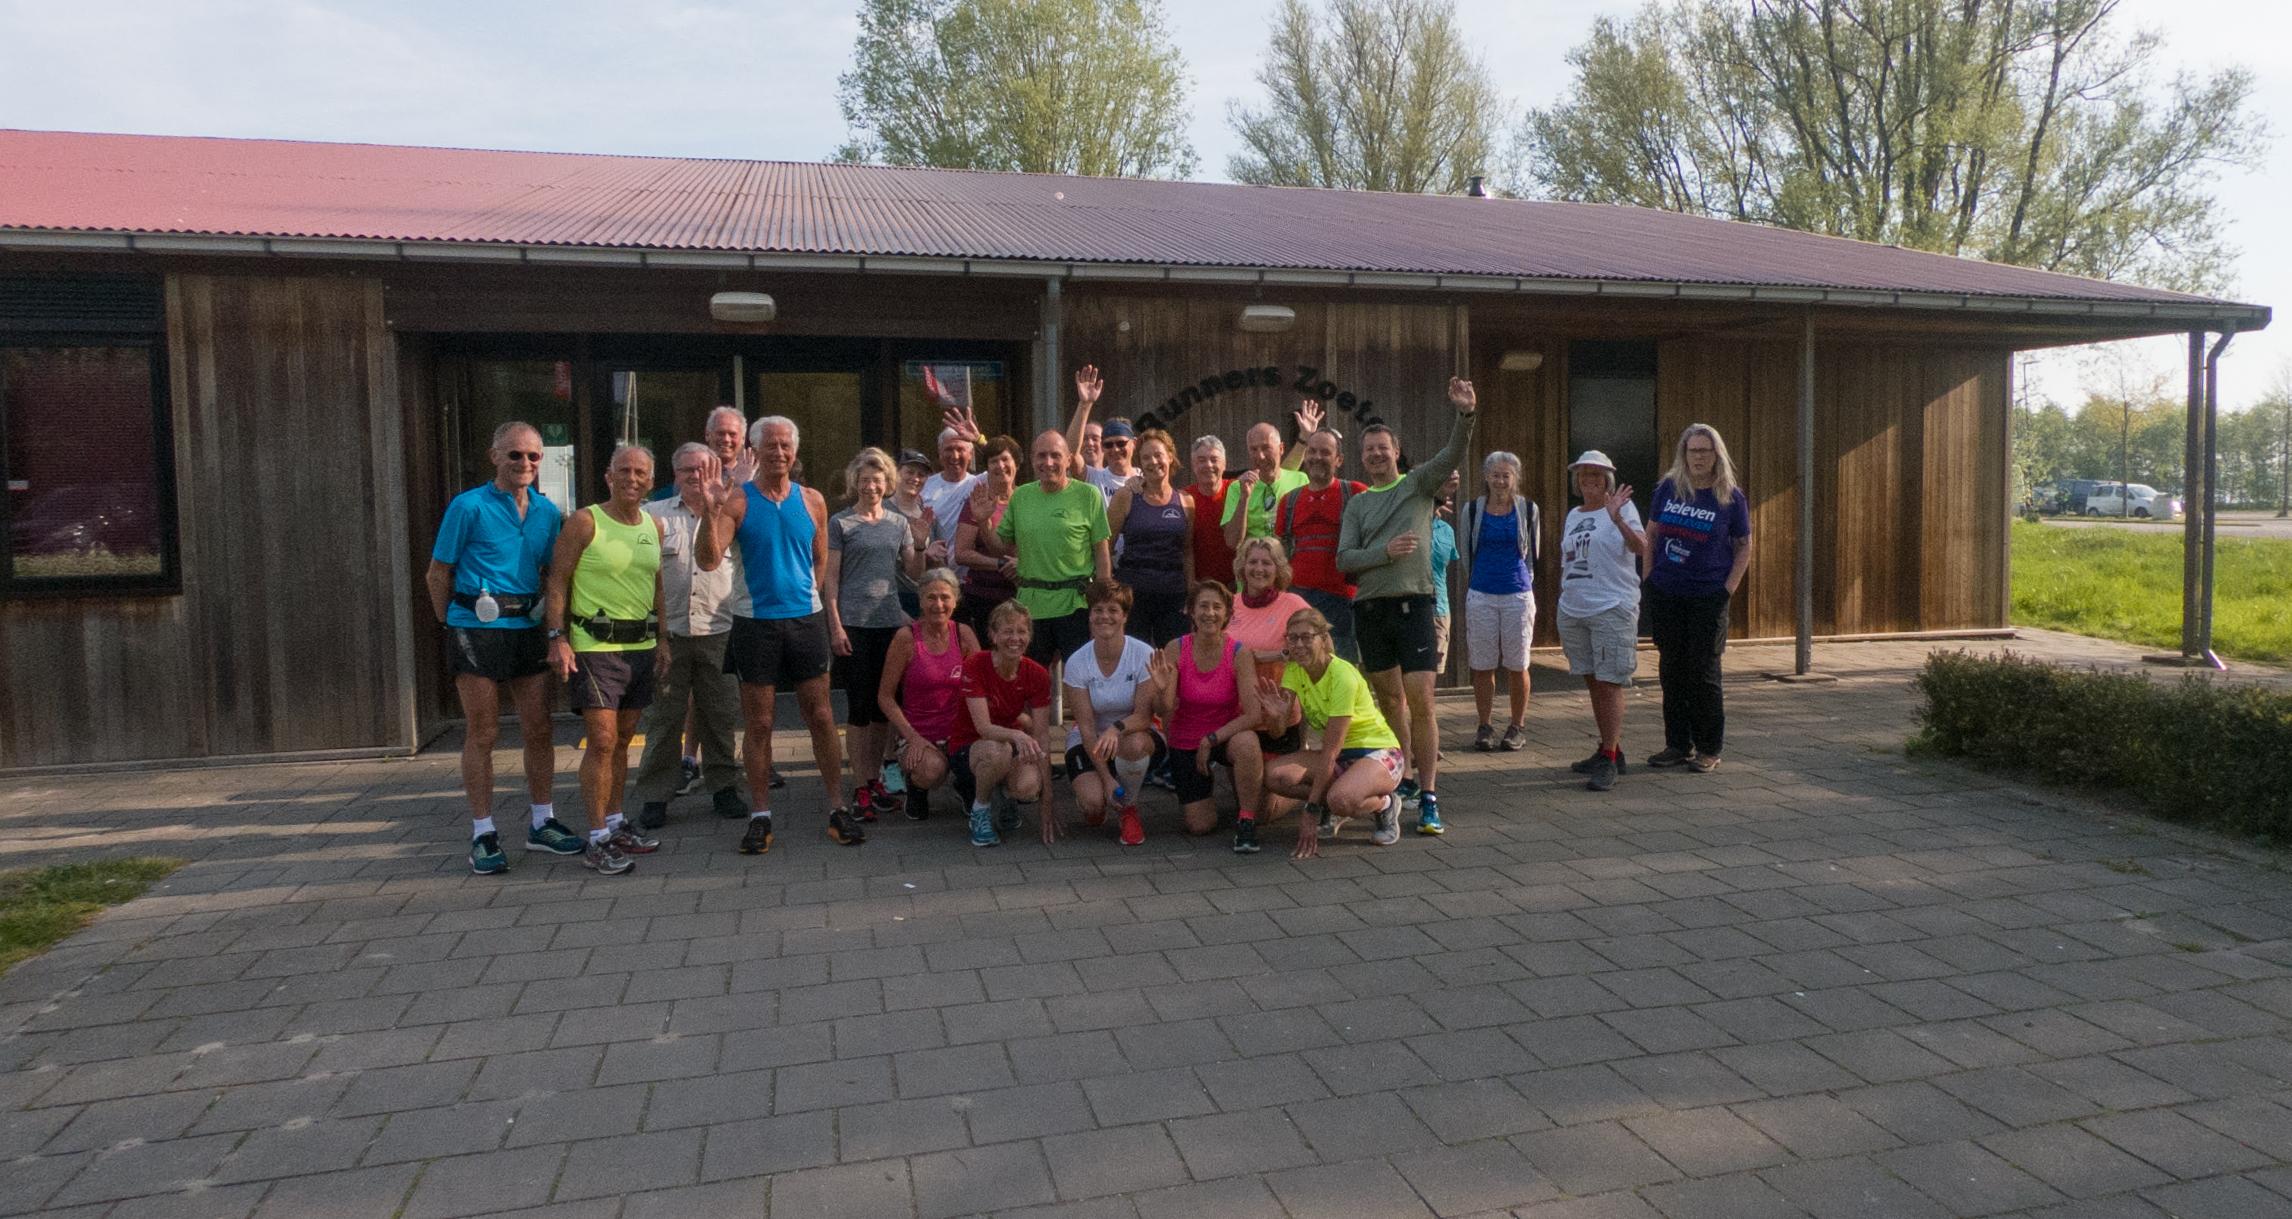 Duurloop Den Haag Zoetermeer